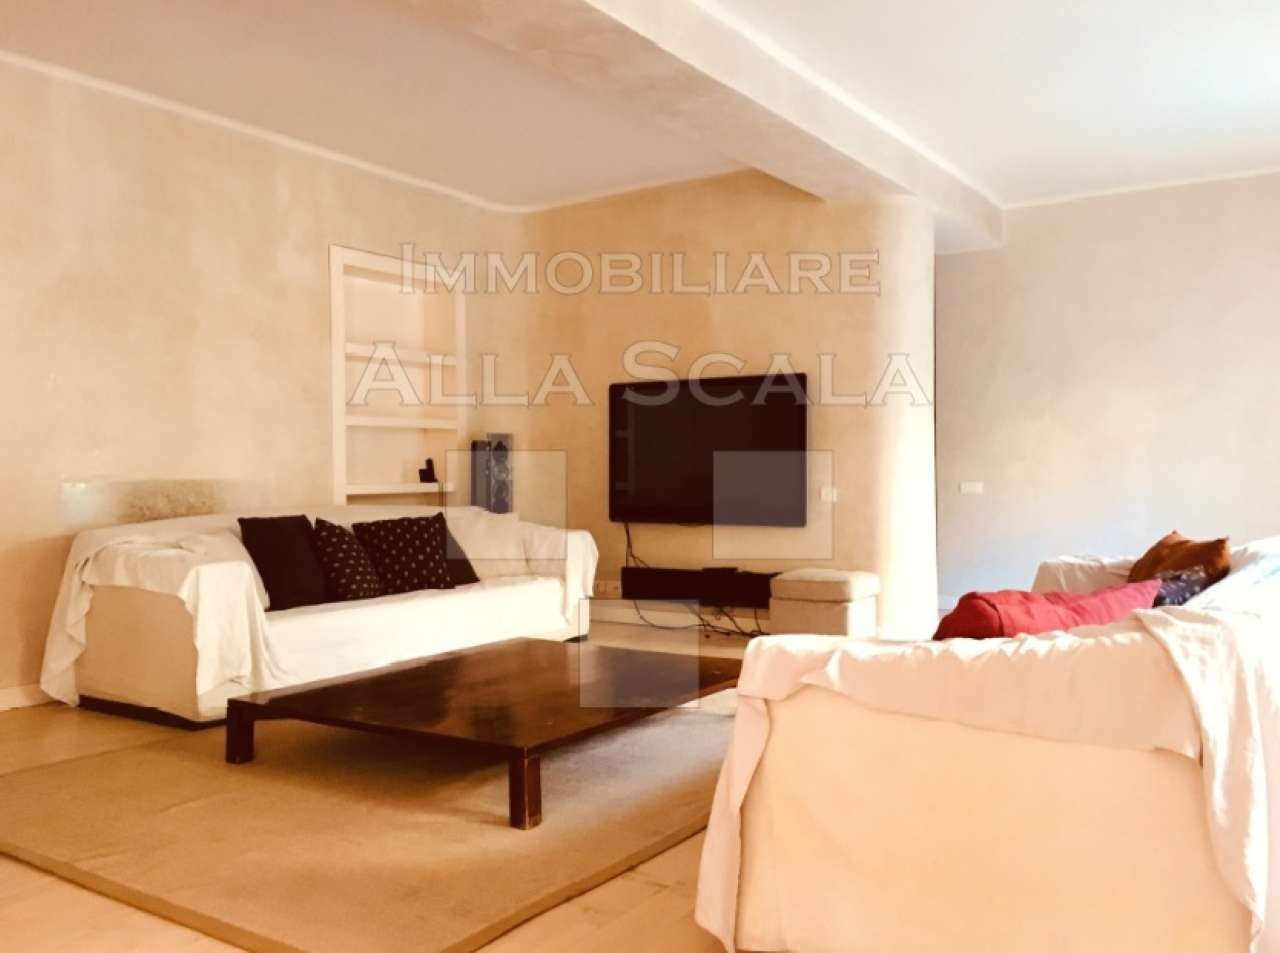 Appartamenti con camino in vendita a milano for Case in vendita milano centro